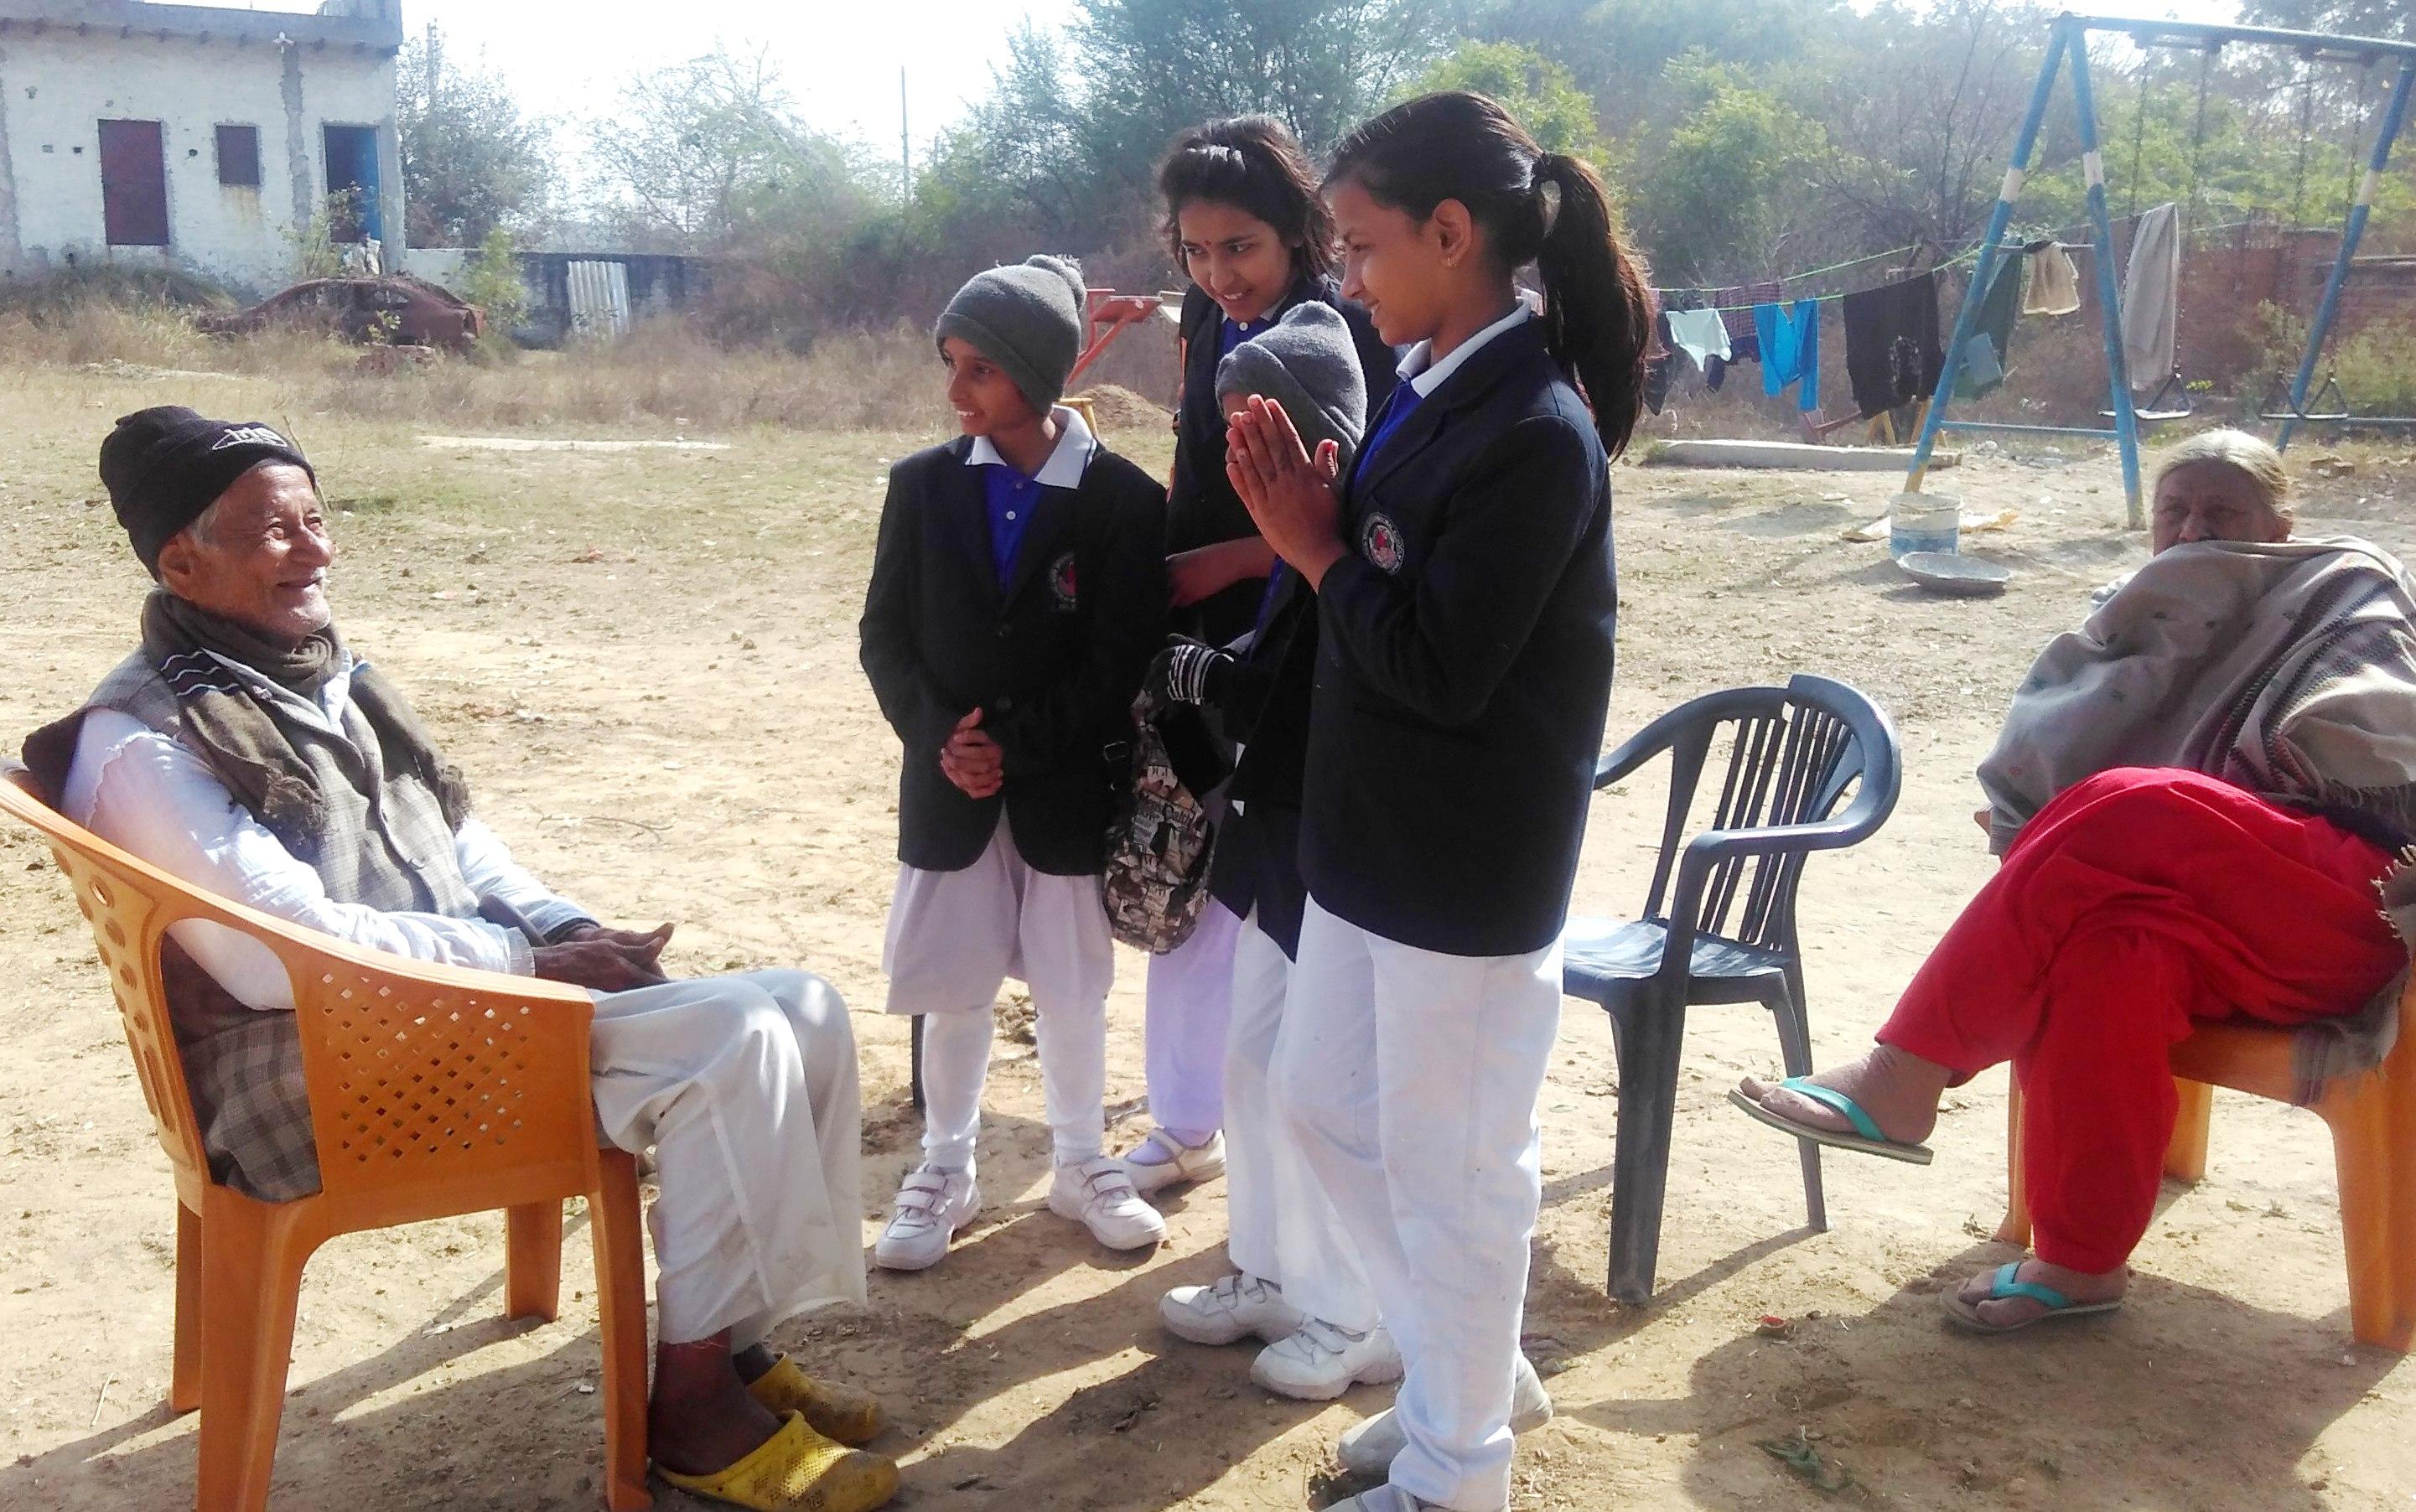 शिक्षा के साथ संस्कार भी देती है एकलव्य एजुकेशन एंड सोशल वेलफेयर सोसाइटी